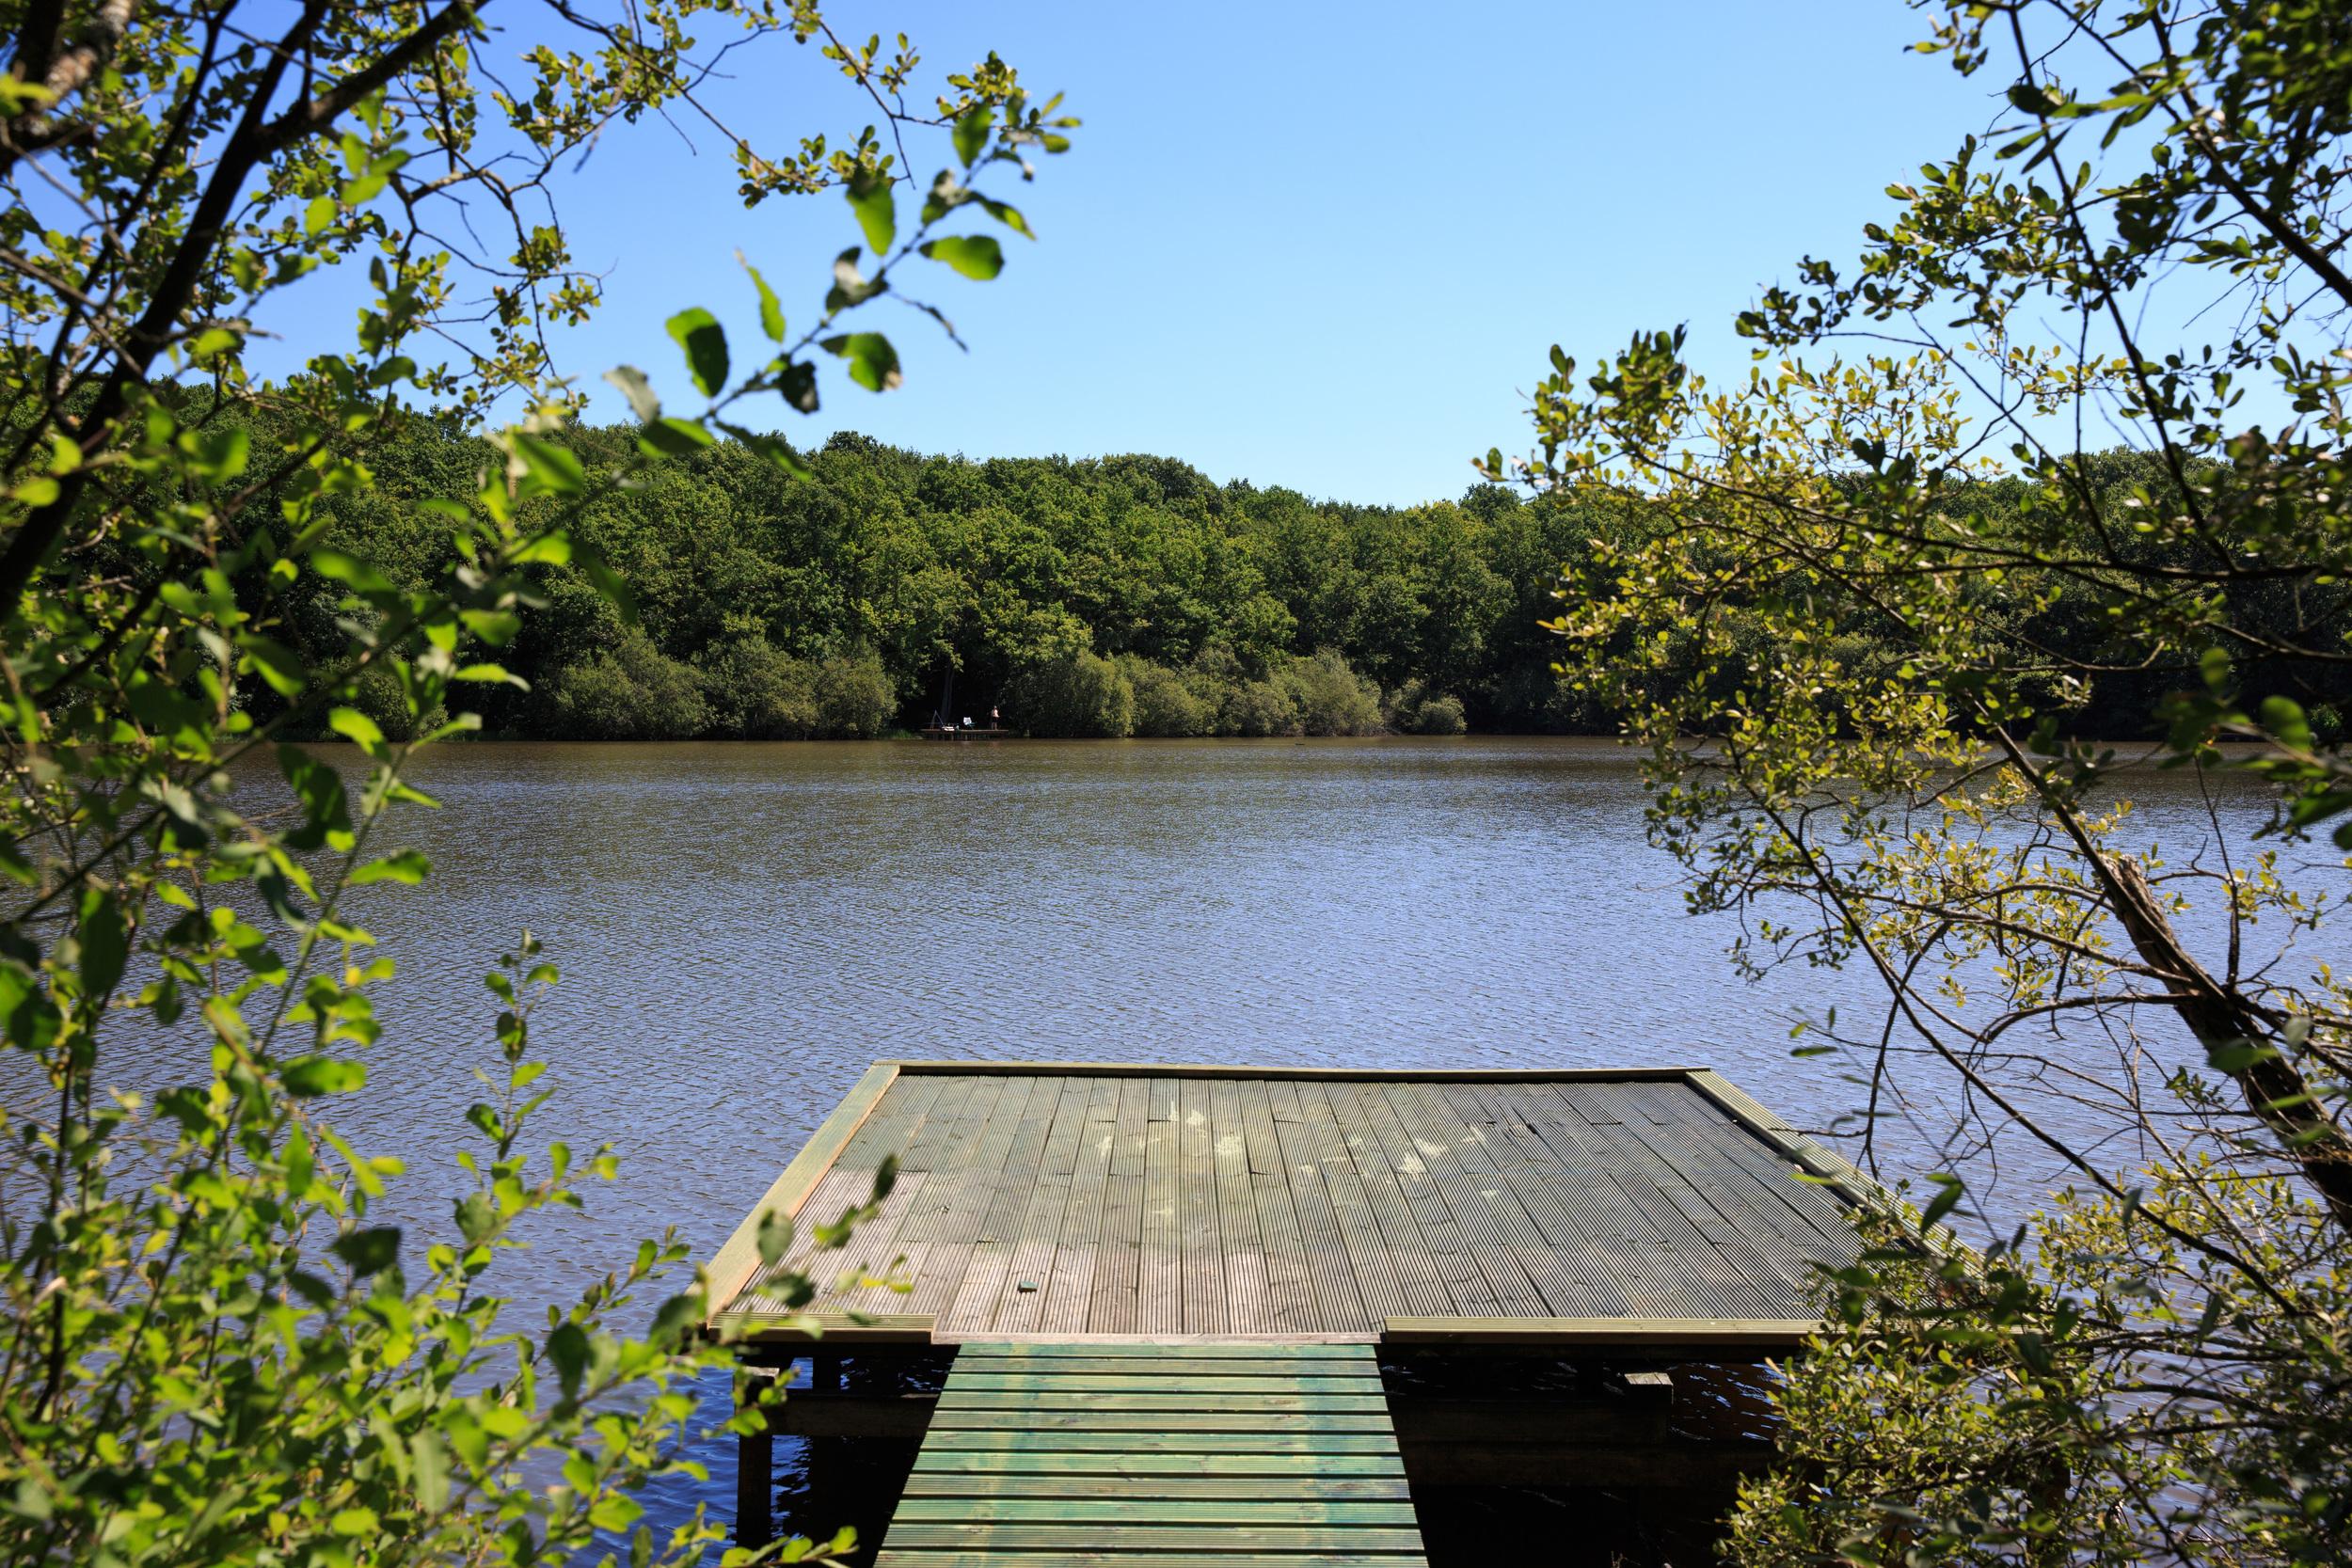 Lake-Meillant-2013_169.jpg